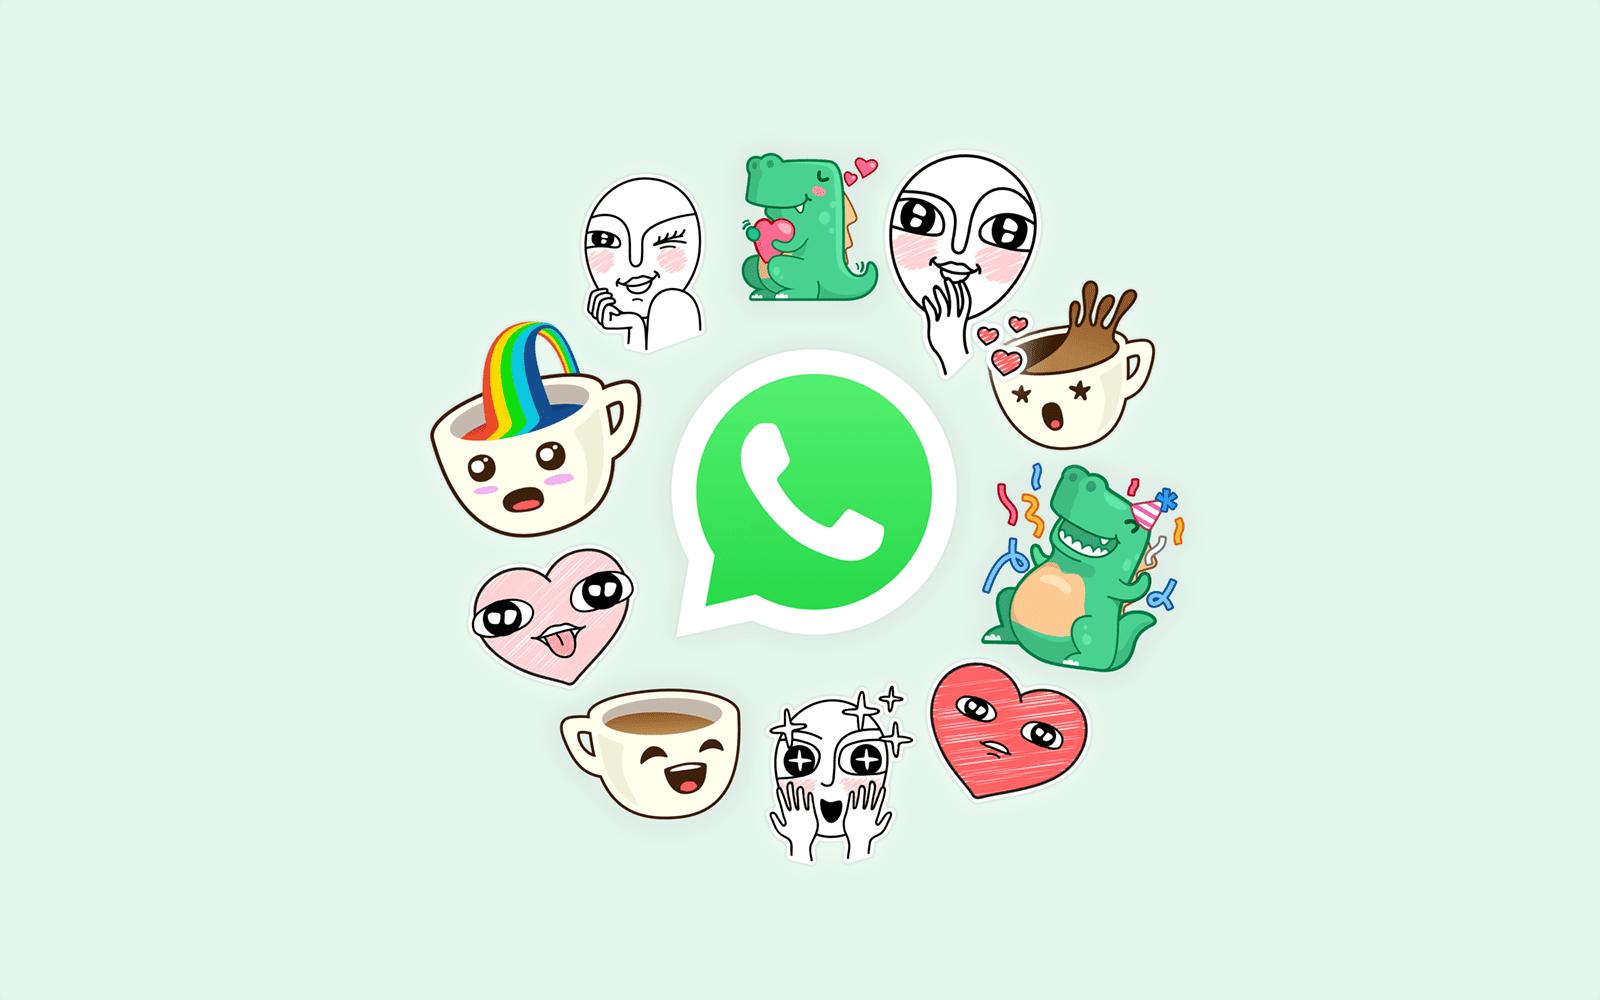 Cara Mudah Membuat Stiker Untuk Whatsapp Tanpa Pc Miuipedia